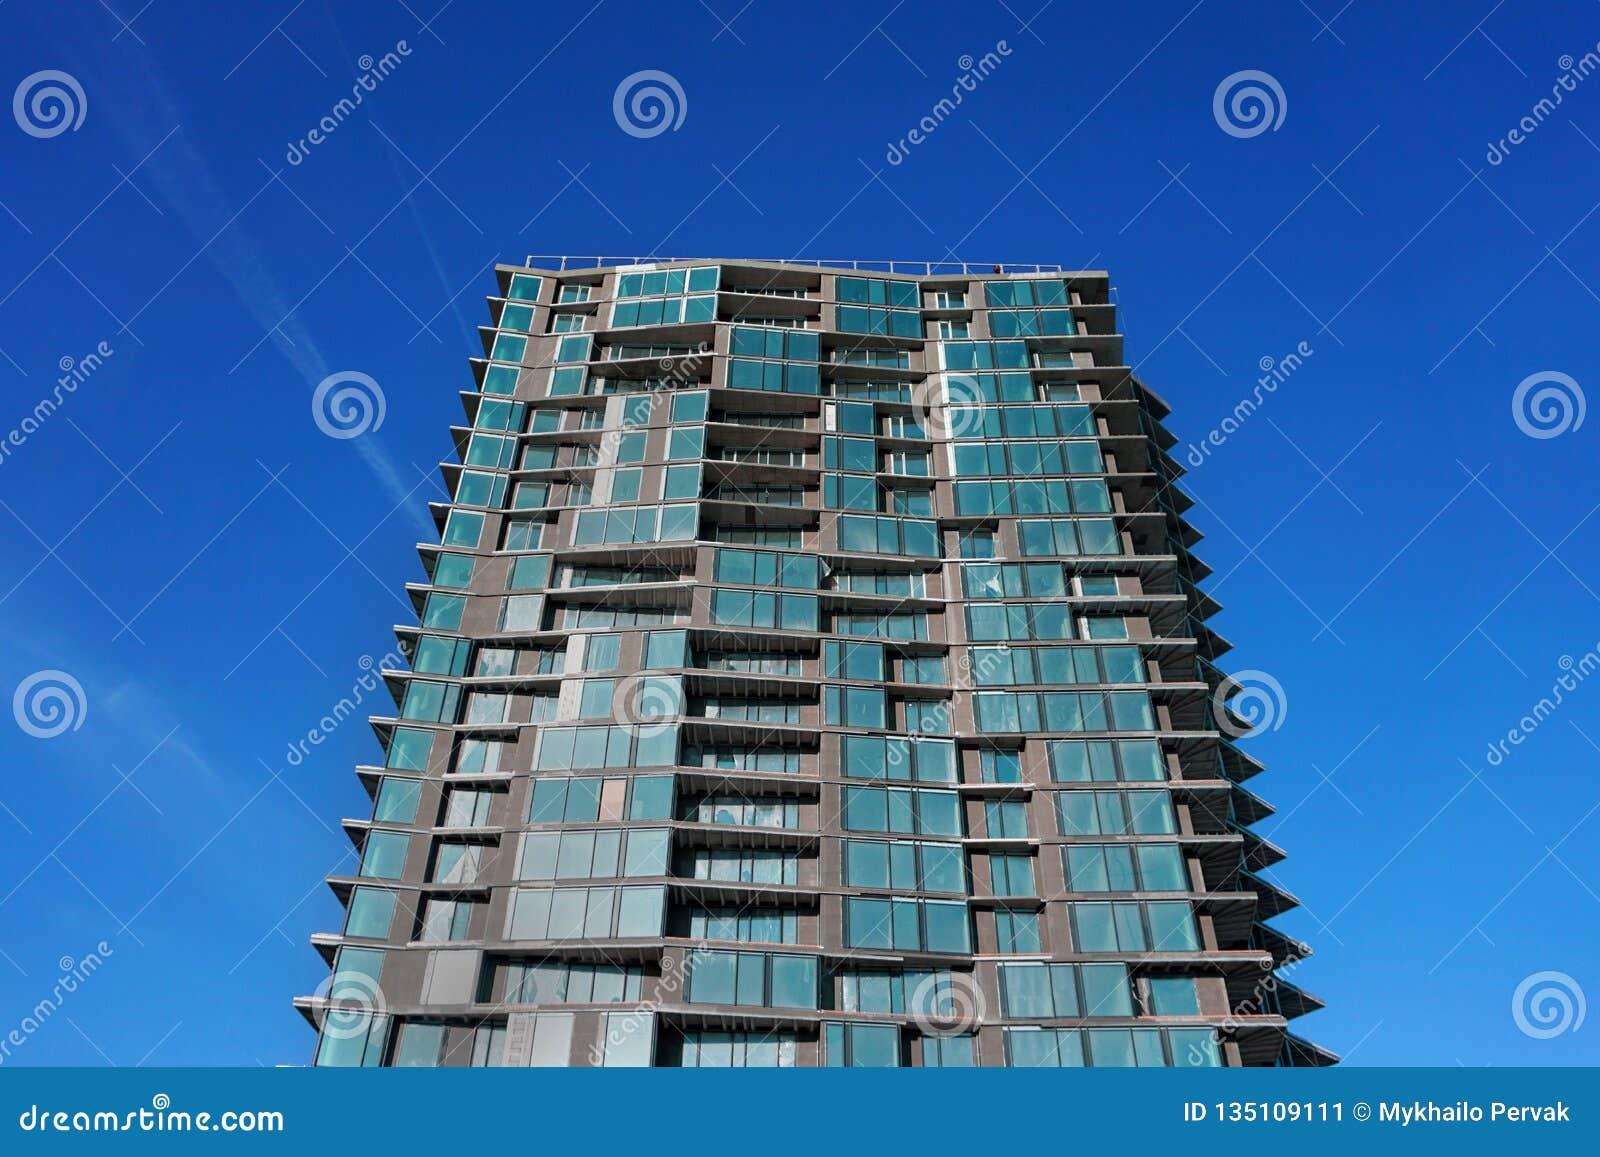 Σύγχρονο εγκαταλειμμένο κτήριο Εγκαταλειμμένο συγκεκριμένο κτήριο Σύγχρονη αρχιτεκτονική ατελής Οικοδόμηση του τεμαχίου με τα παρ